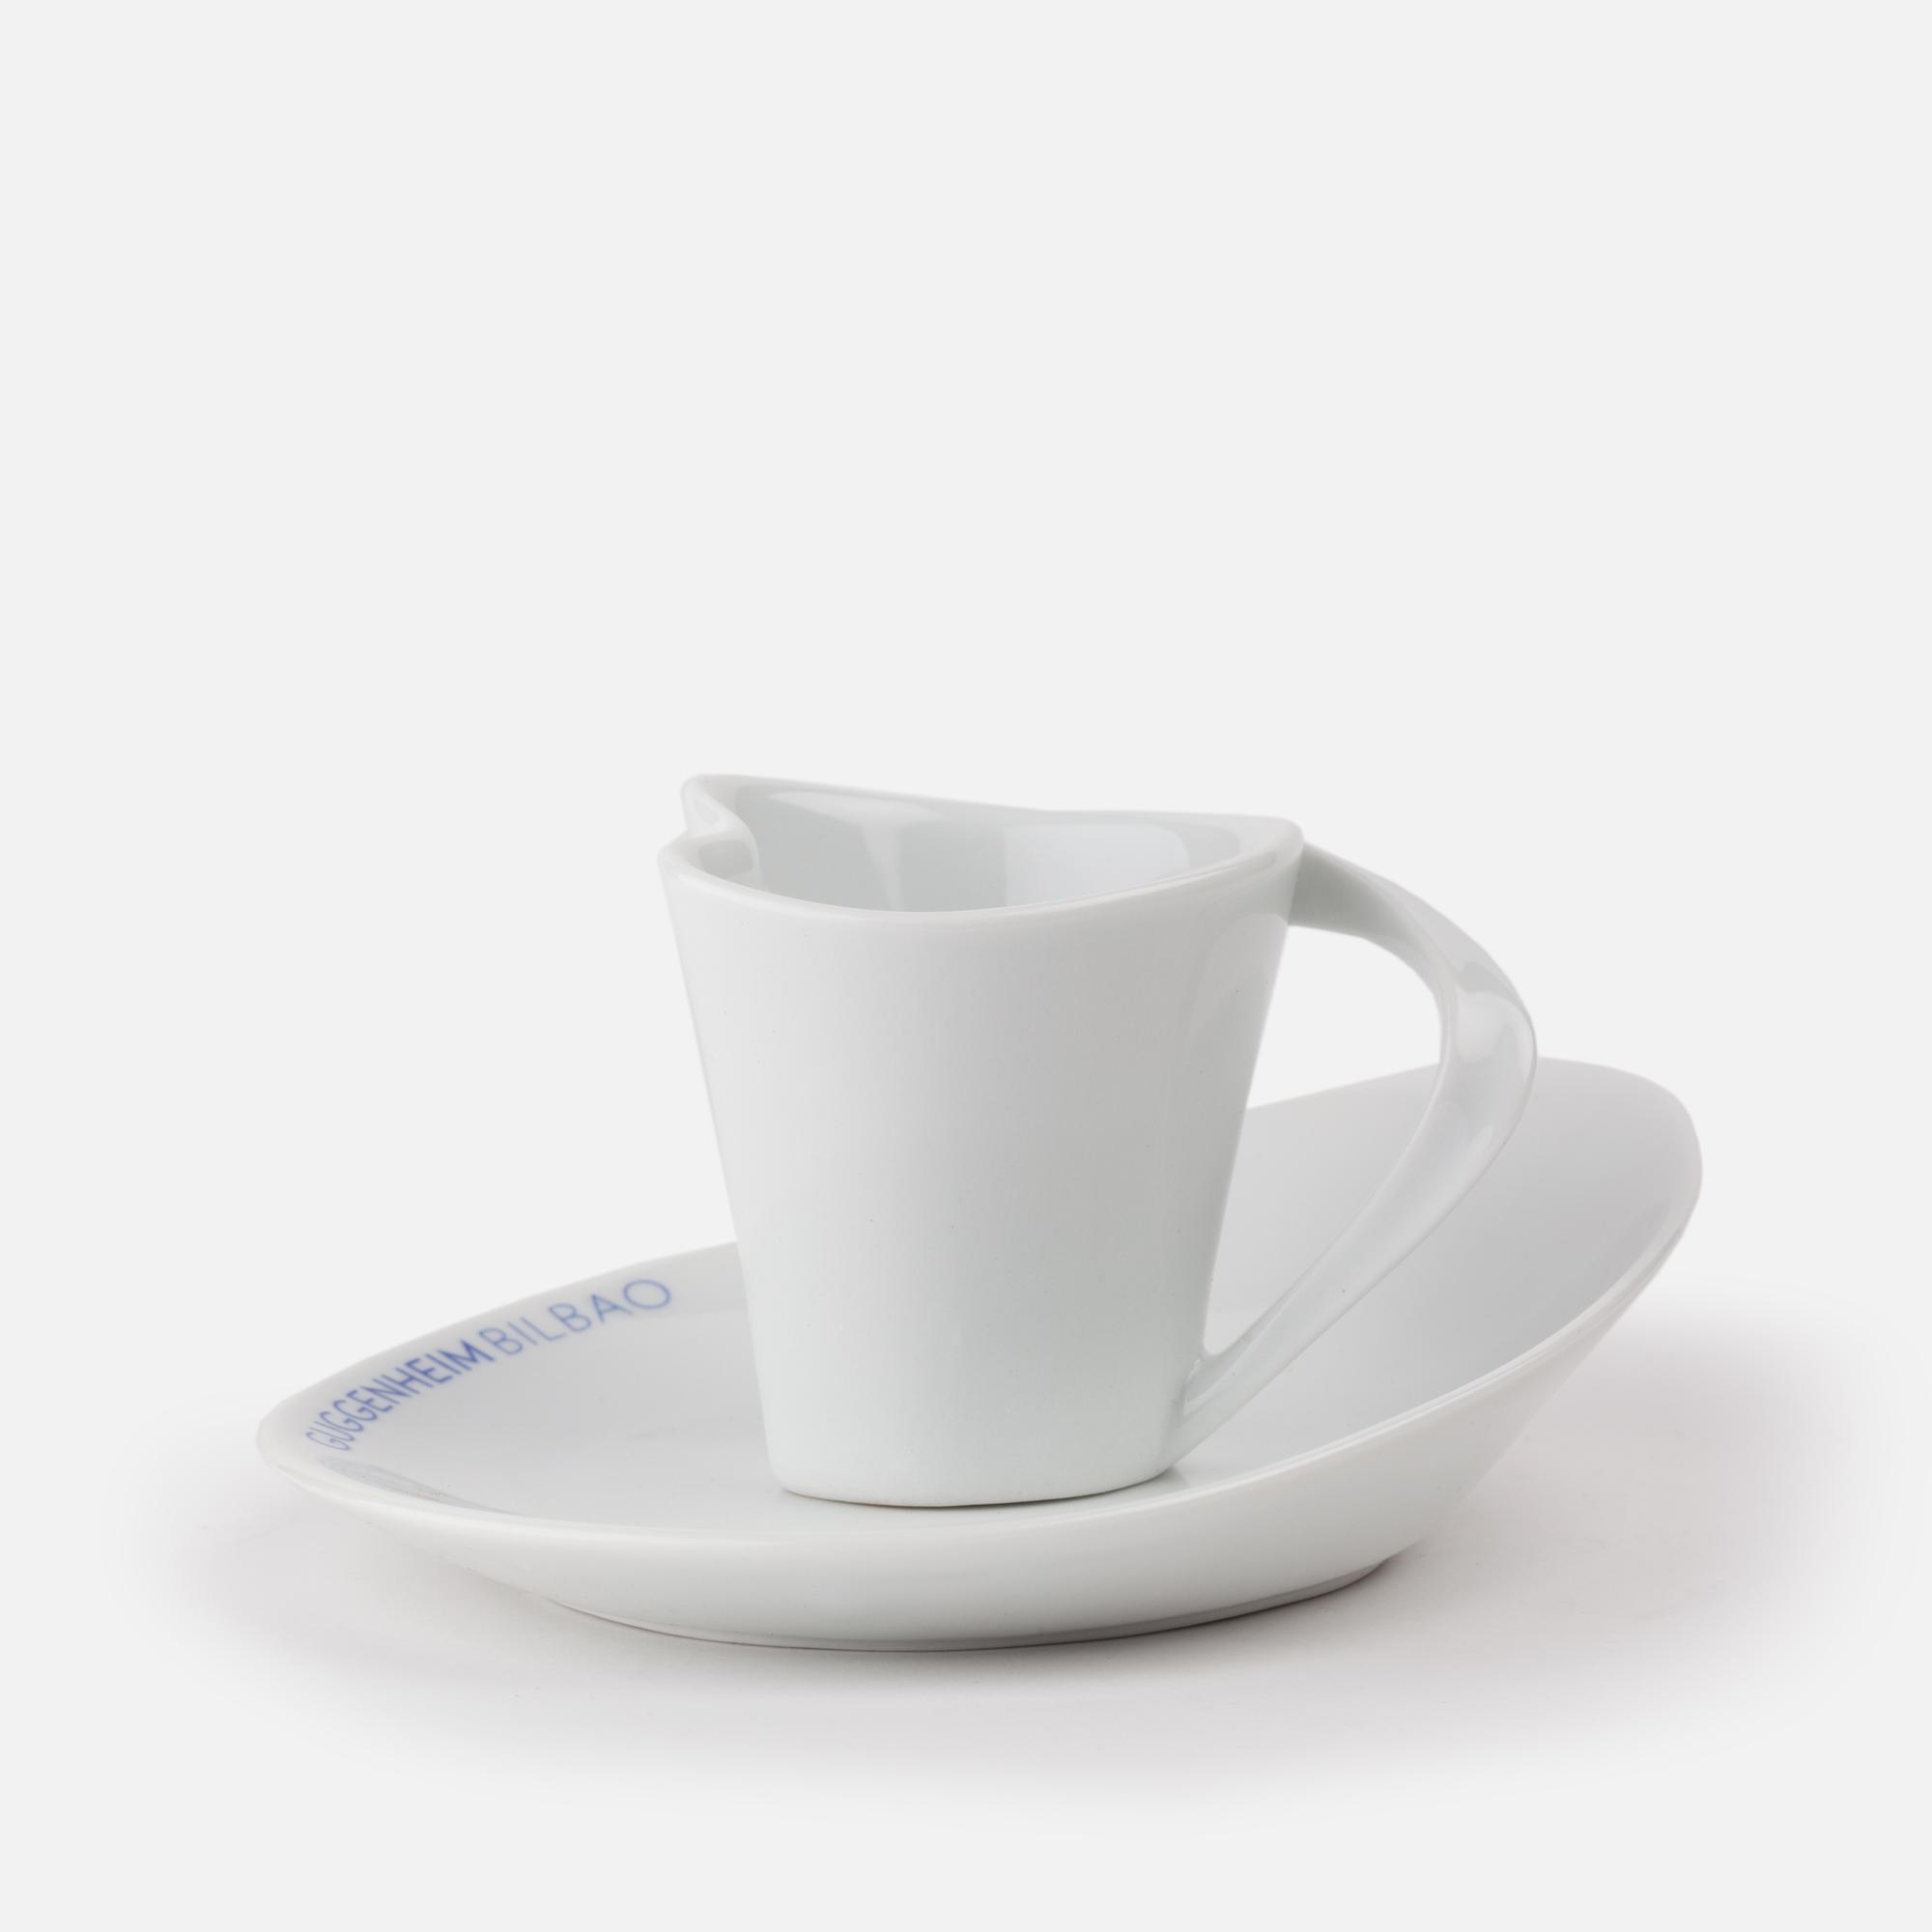 Taza de café y platillo de porcelana